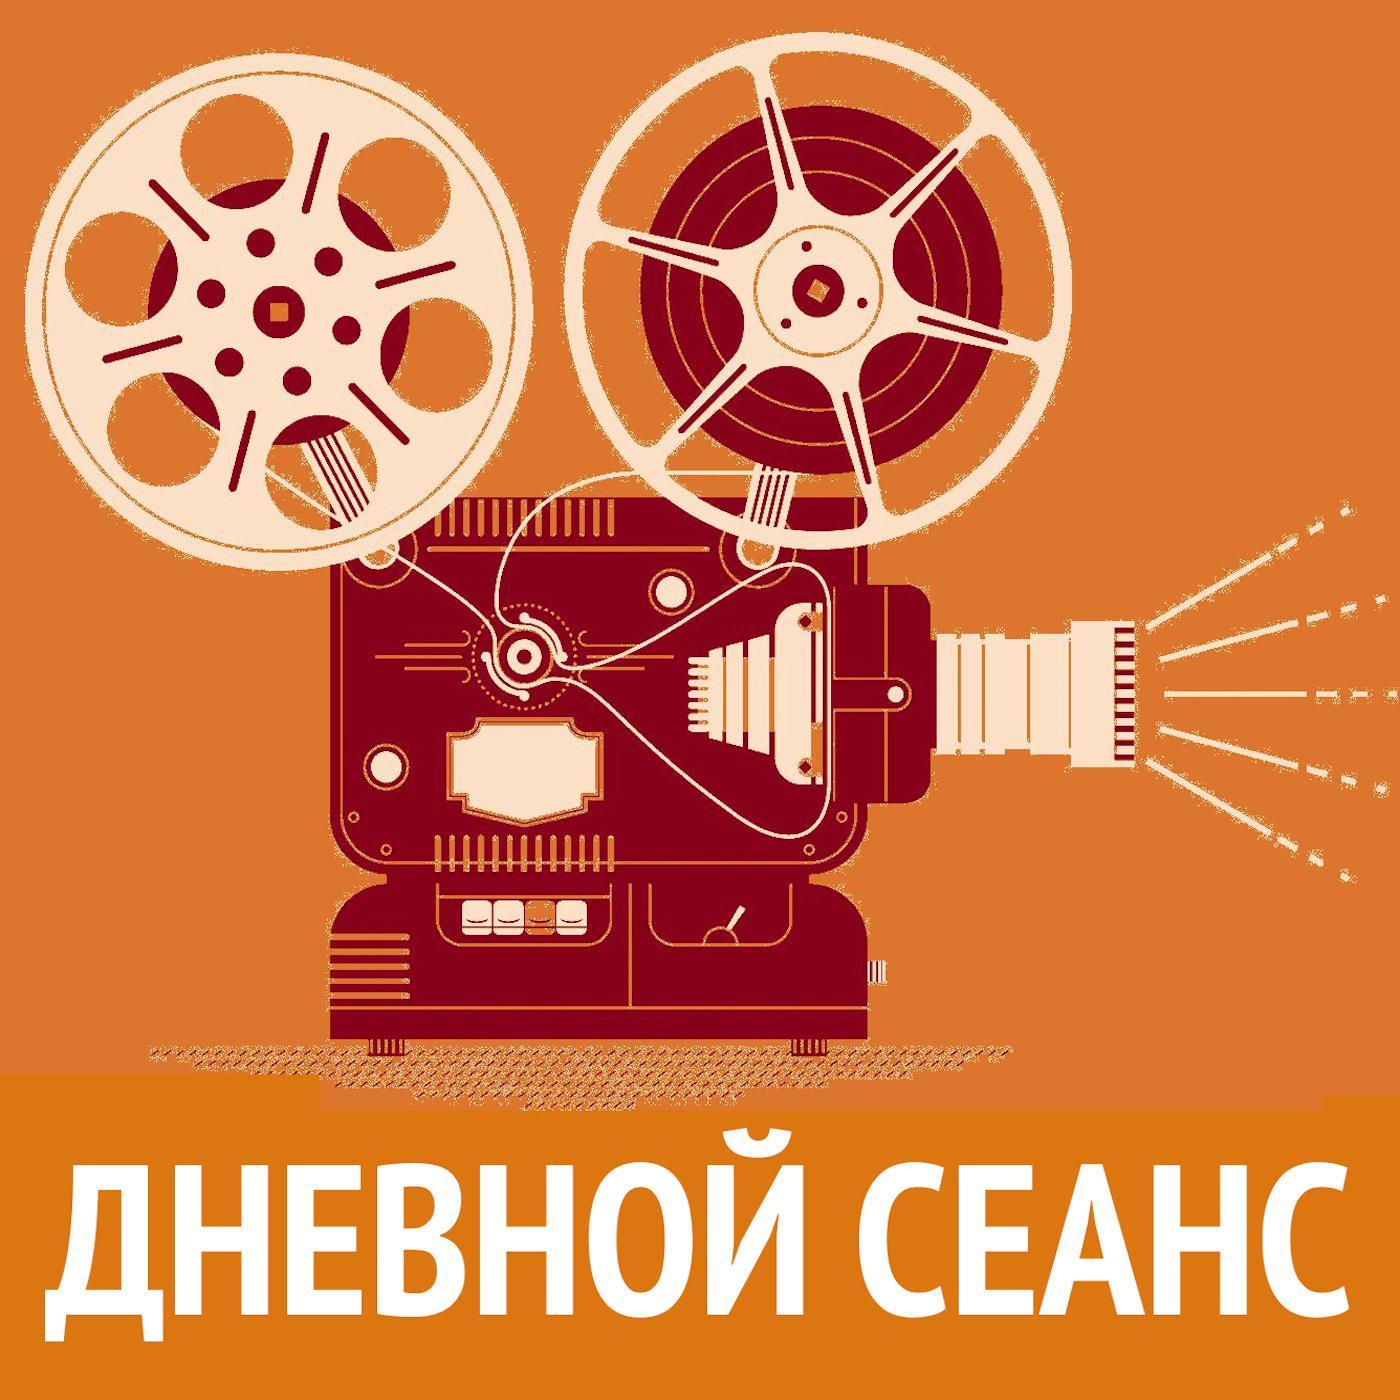 Мода в кино. Рассказывает дизайнер Денис Казанцев и организатор фестиваля Этномоды Наталья Лившиц.